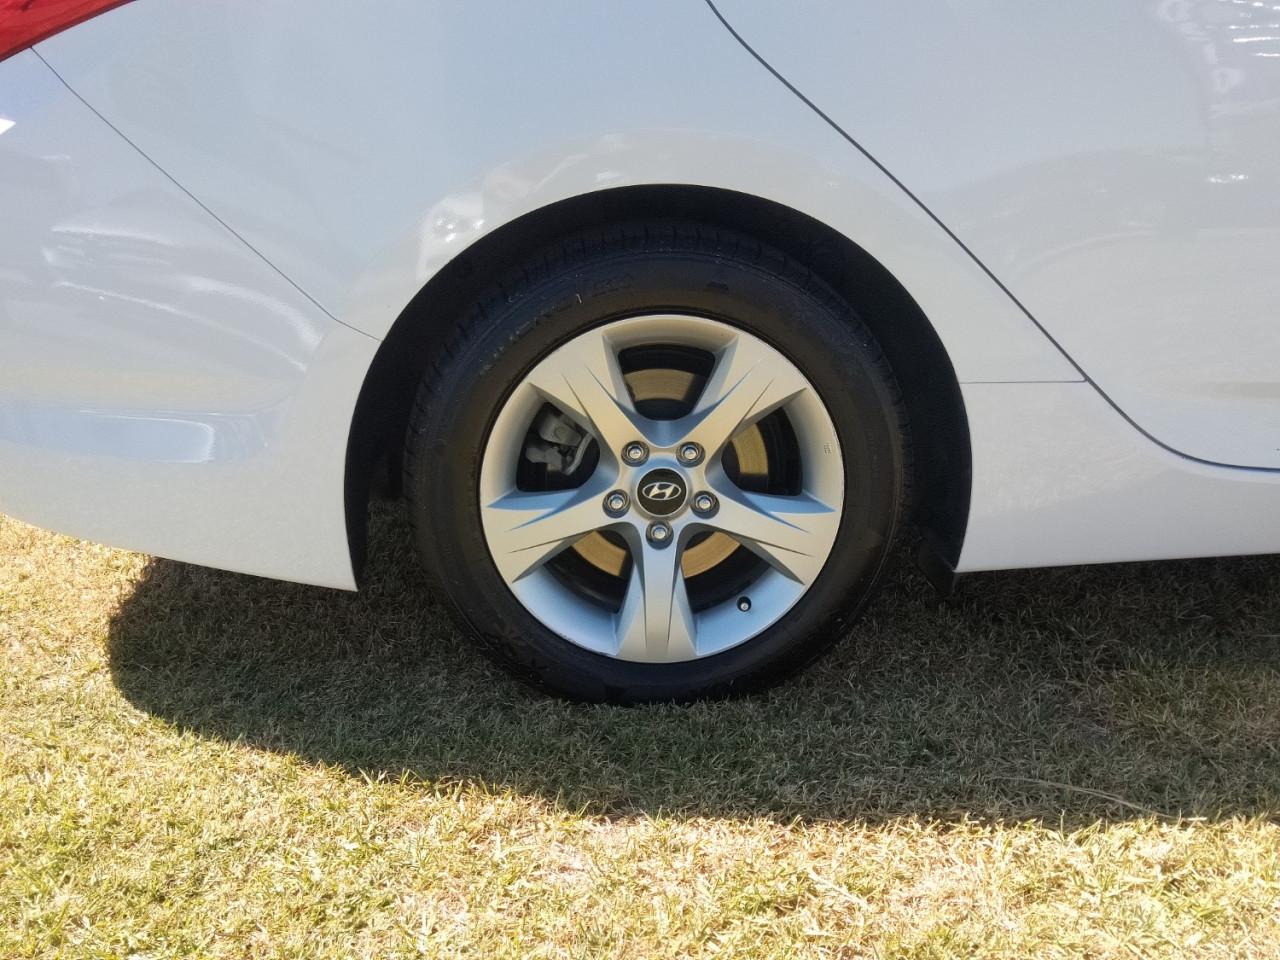 2013 Hyundai I40 VF2 ACTIVE Wagon Image 8